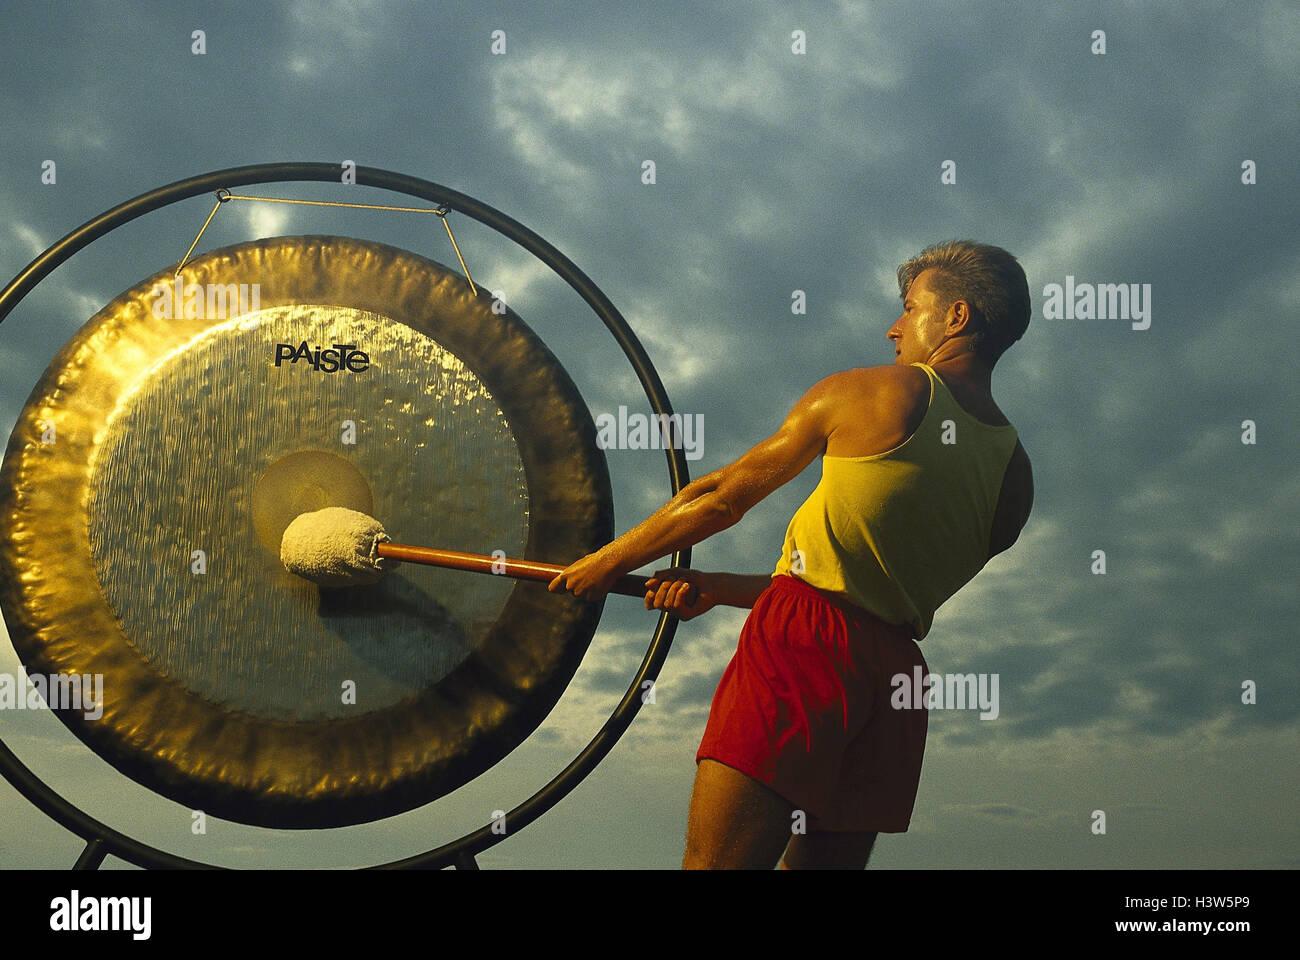 L'homme, gong, frapper, signal, le ton, la culture, la tradition, en chinois, asiatiques, marteau, coup, en Photo Stock